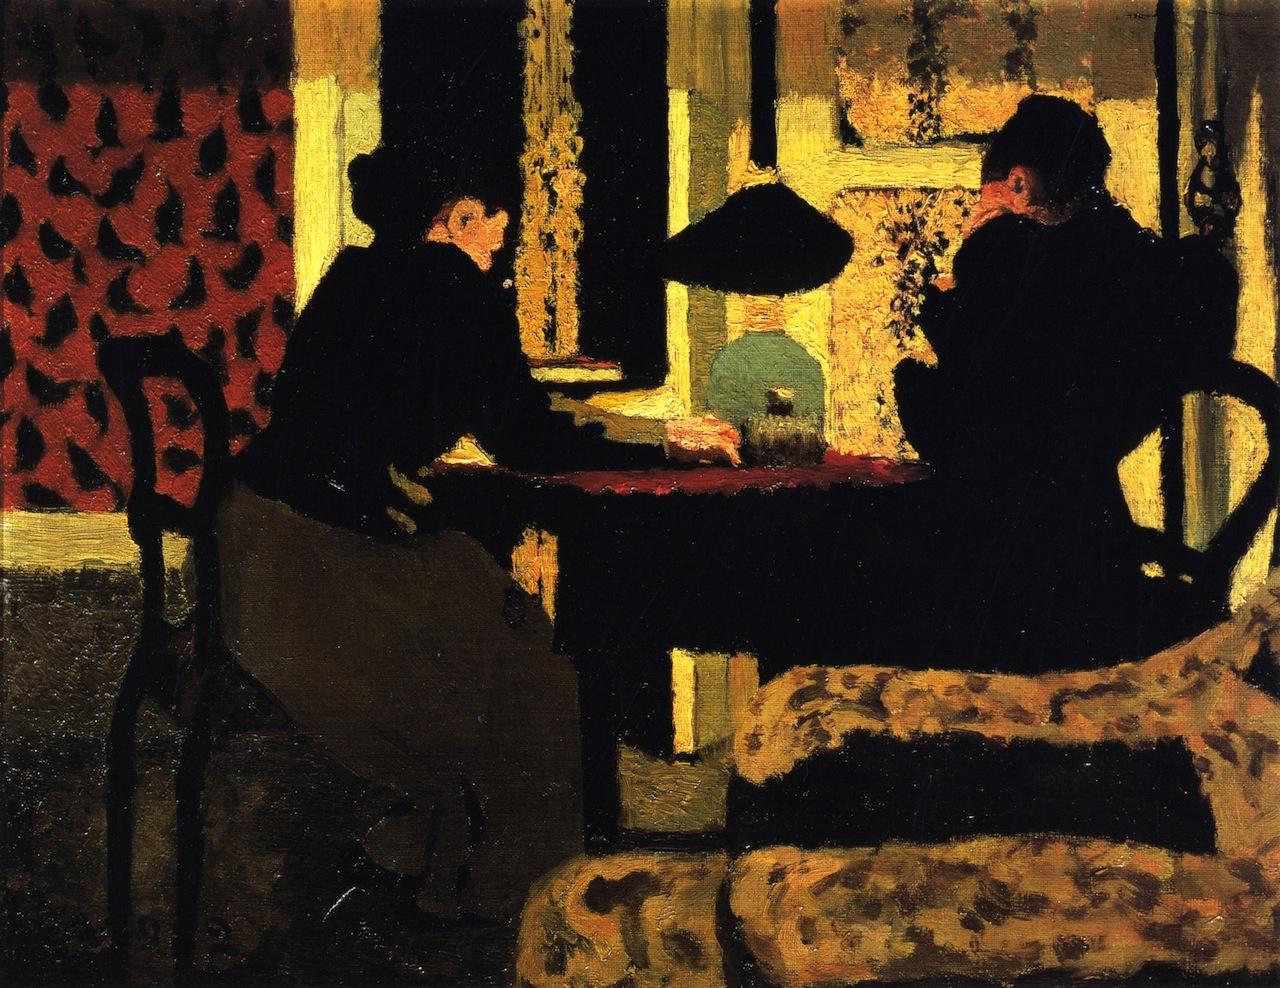 Vuillard-Deux_femmes_sous_la_lampe-Musée_de_l'Annonciade.jpg